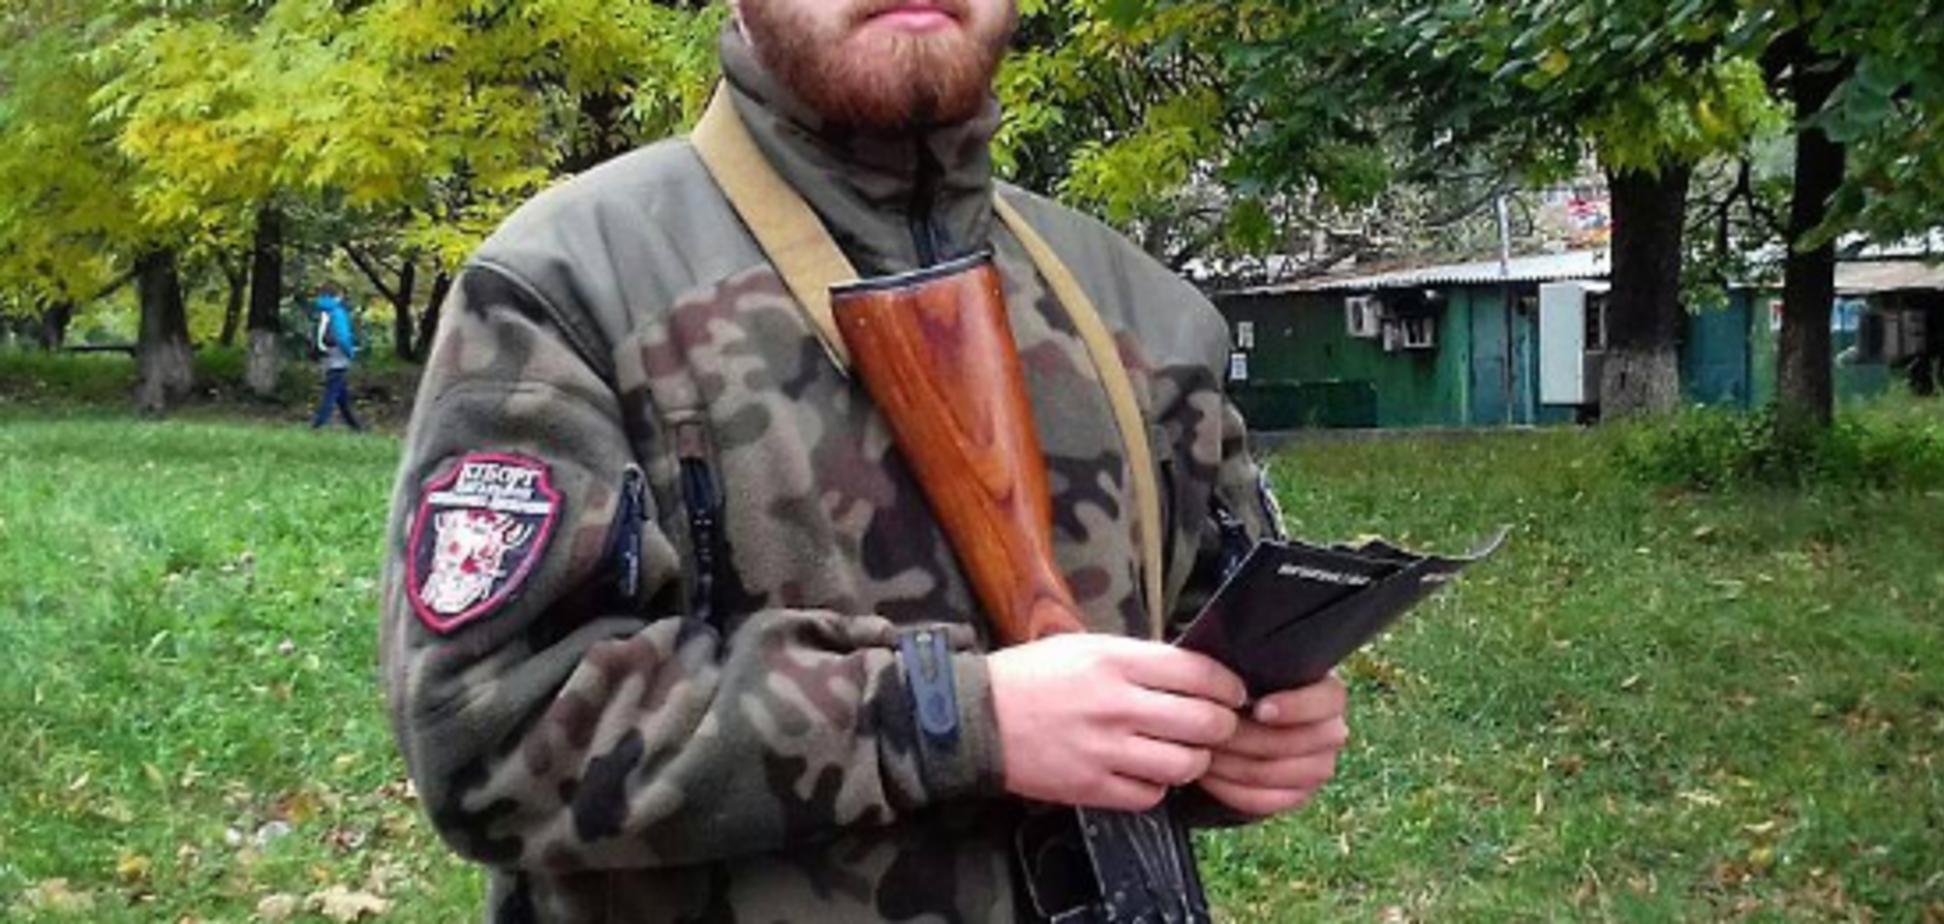 Лицо в крови: появилось фото известного 'киборга' после избиения в Киеве